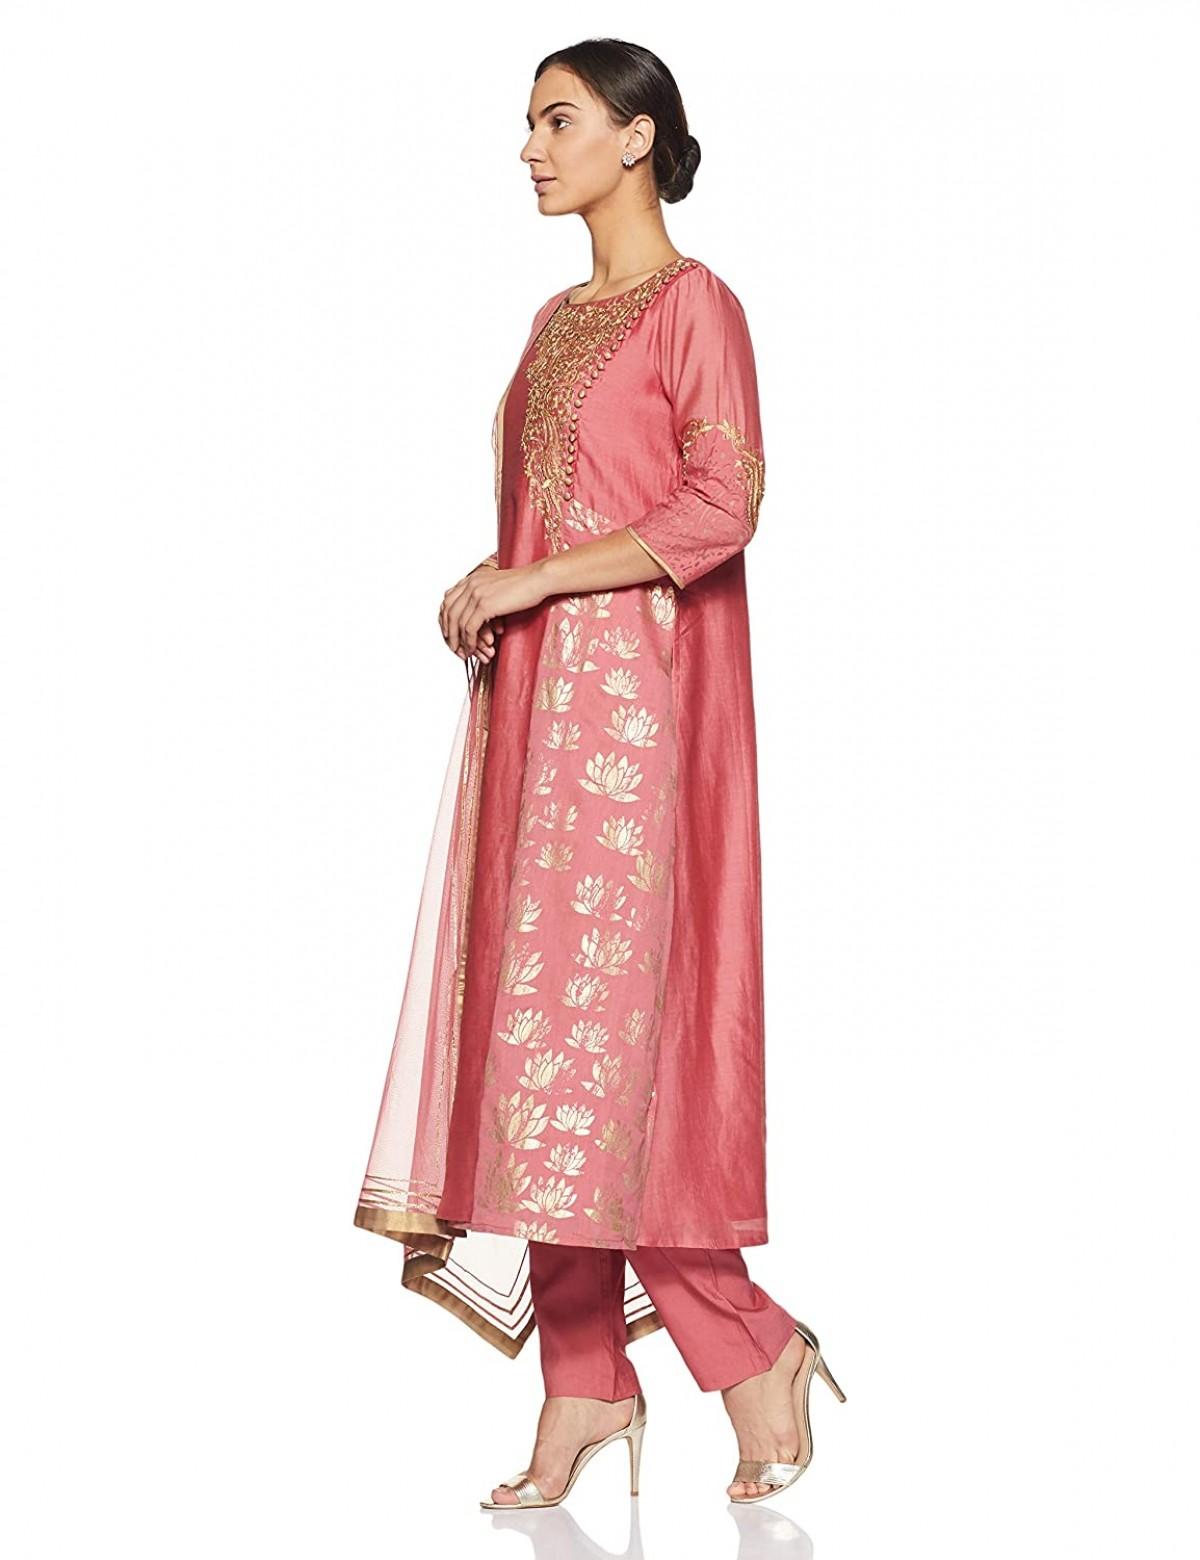 The Pink Blush Chanderi Kurta Bottom Dupatta Set